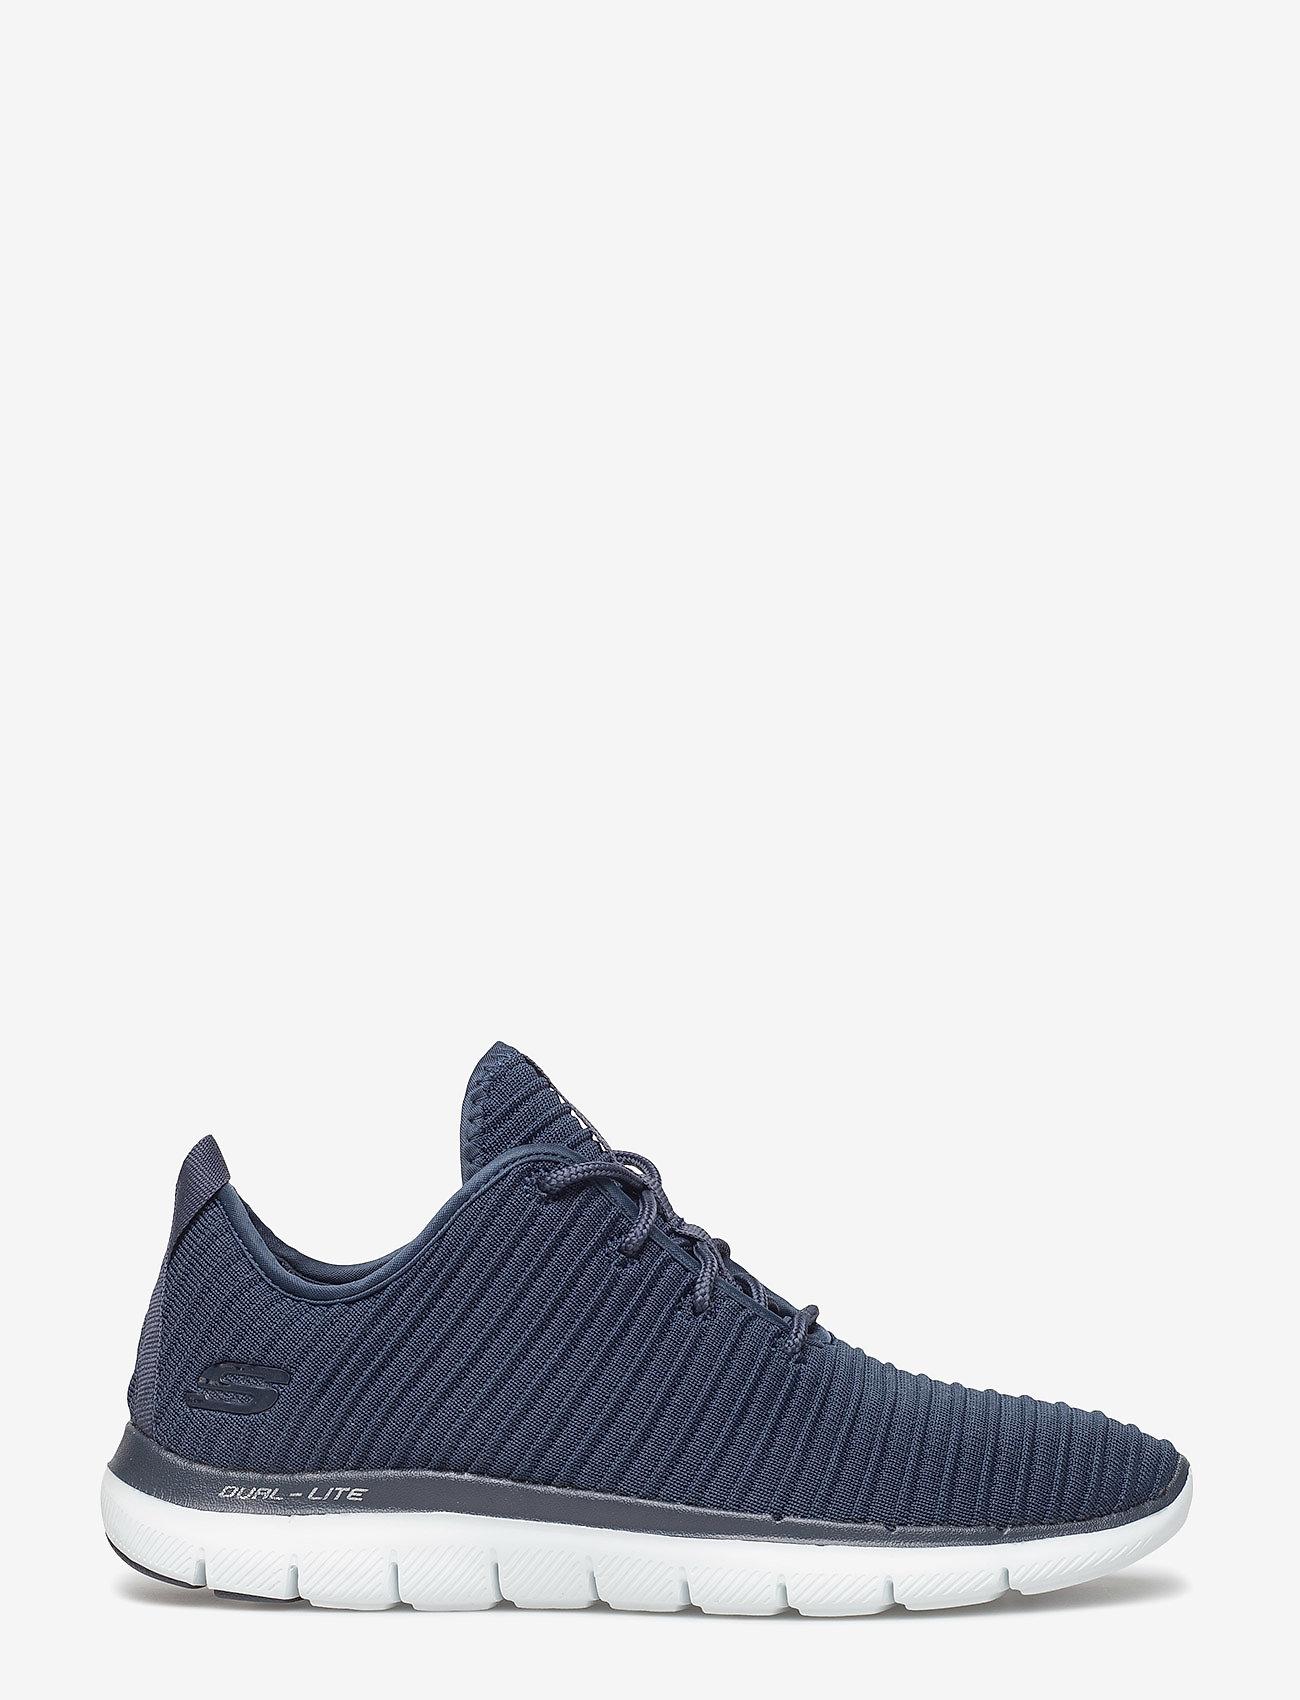 Skechers - Womens Flex Appeal 2.0 - Estates - sneakers med lav ankel - nvy navy - 1